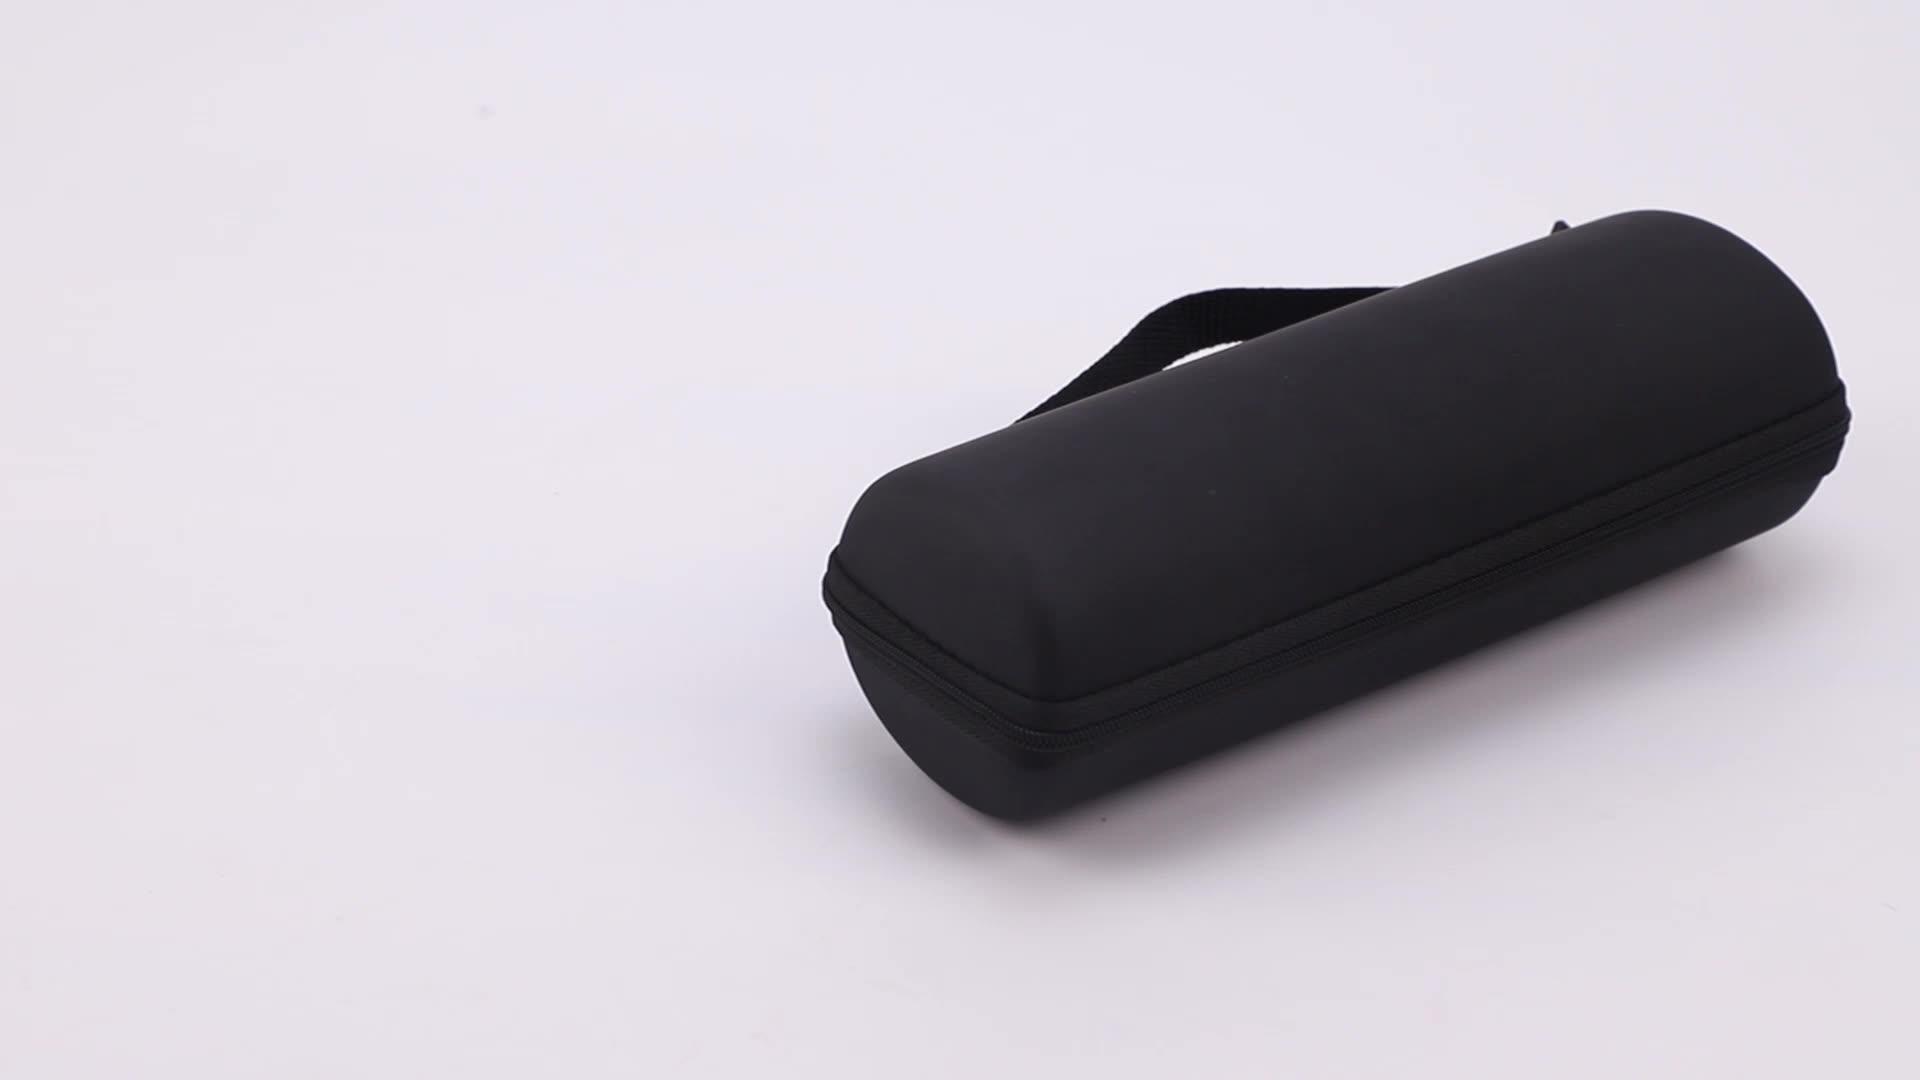 مضخة هواء مصغّر مرآة سيارة رقمية إطار أوتوماتيكي نافخة بالون مضخة هواء كهربائية مضخة هواء محمولة آلة 12 فولت بطارية تعمل بالطاقة مضخة هواء s